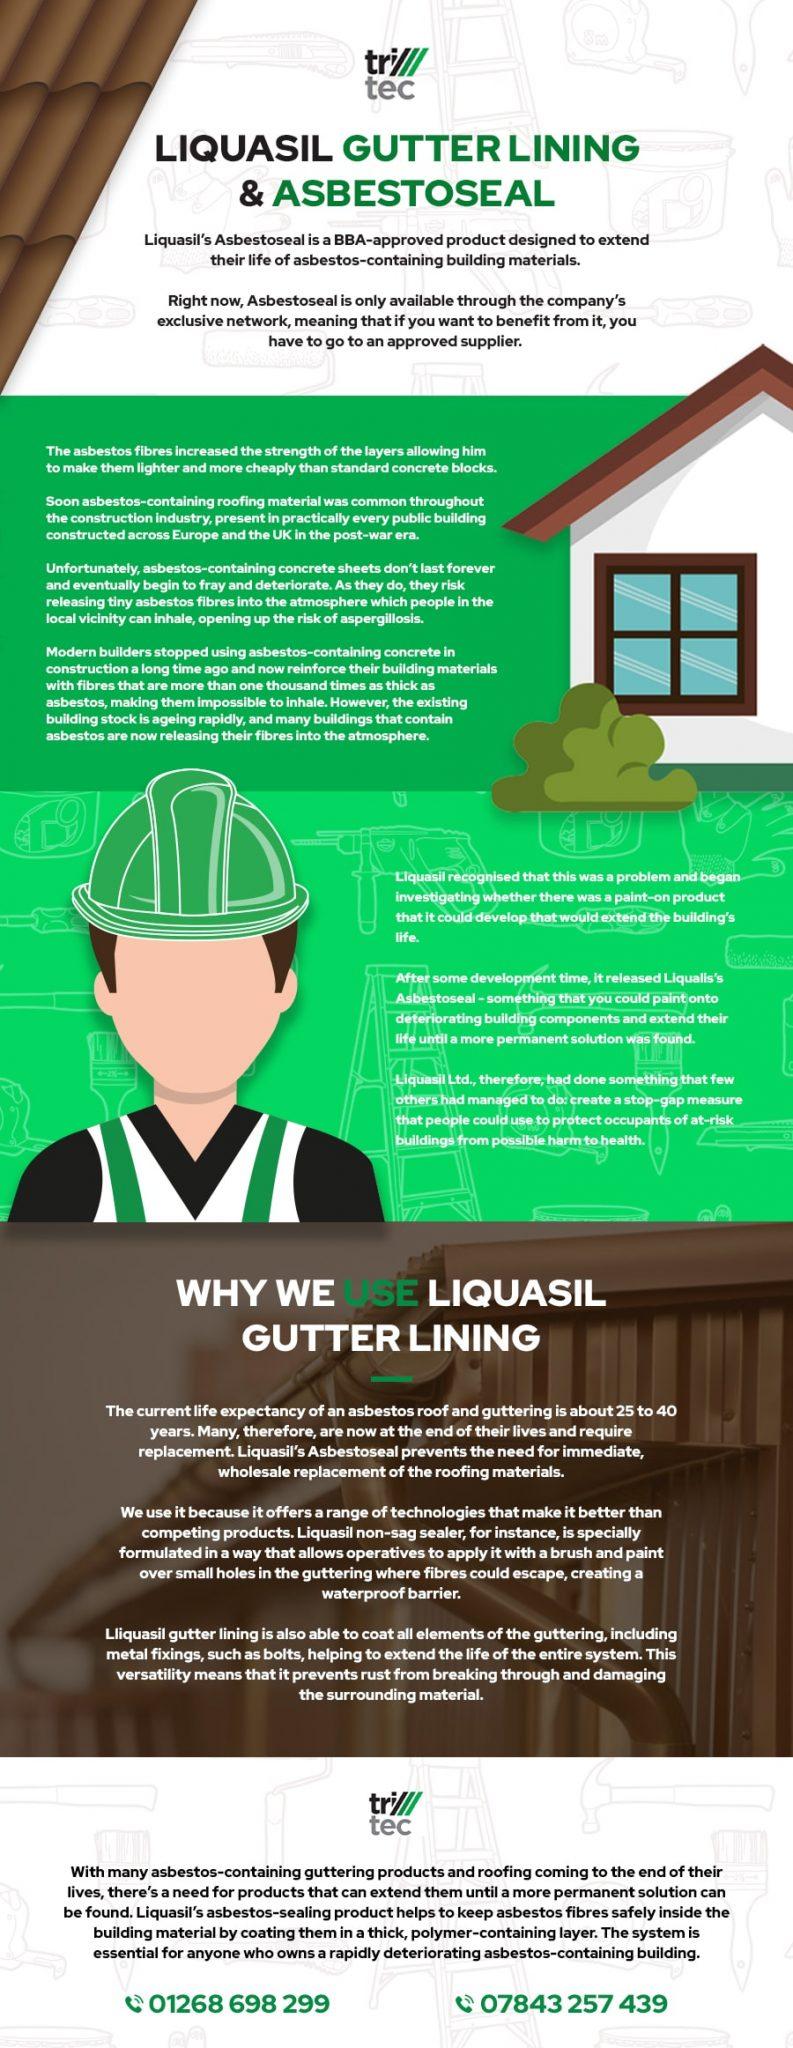 Liquasil Gutter Lining Asbestoseal